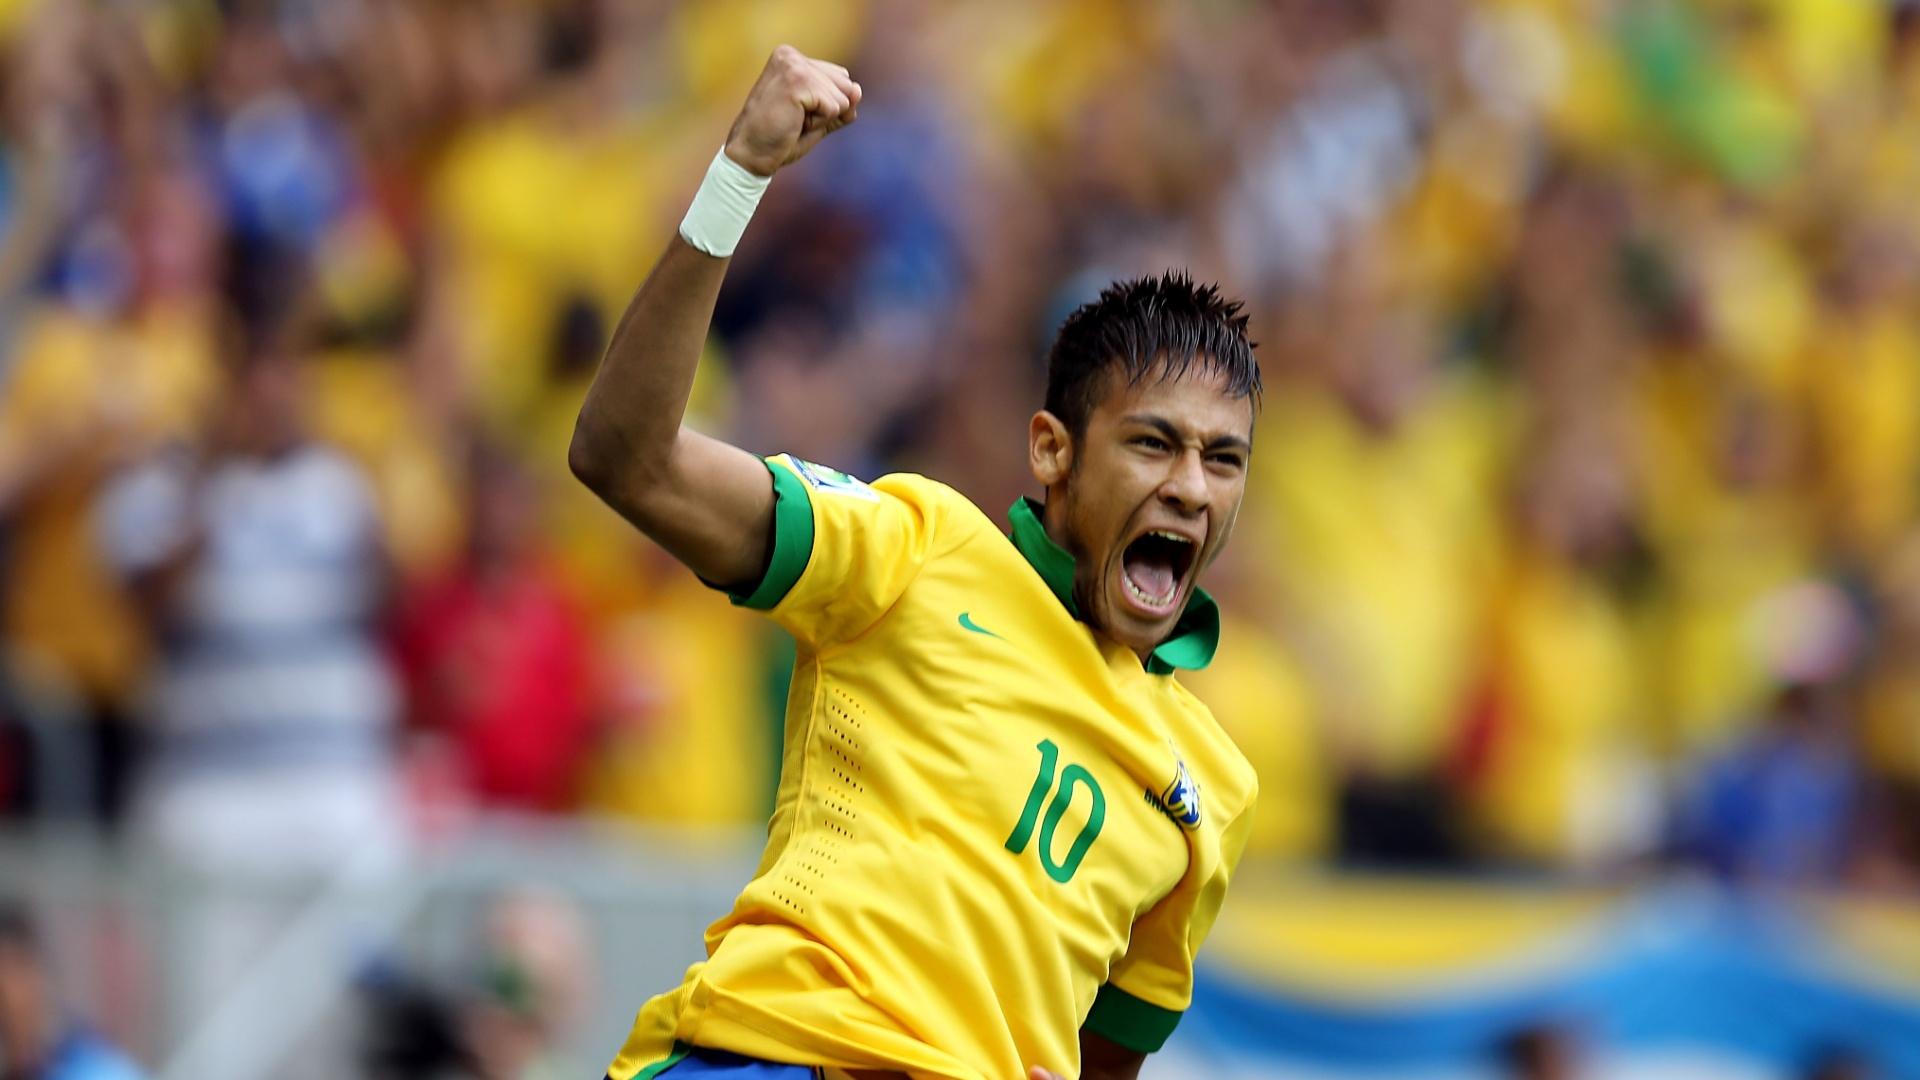 البرازيل تتوج بذهبية الأولمبياد في كرة القدم علي حساب ألمانيا بركلات الترجيح